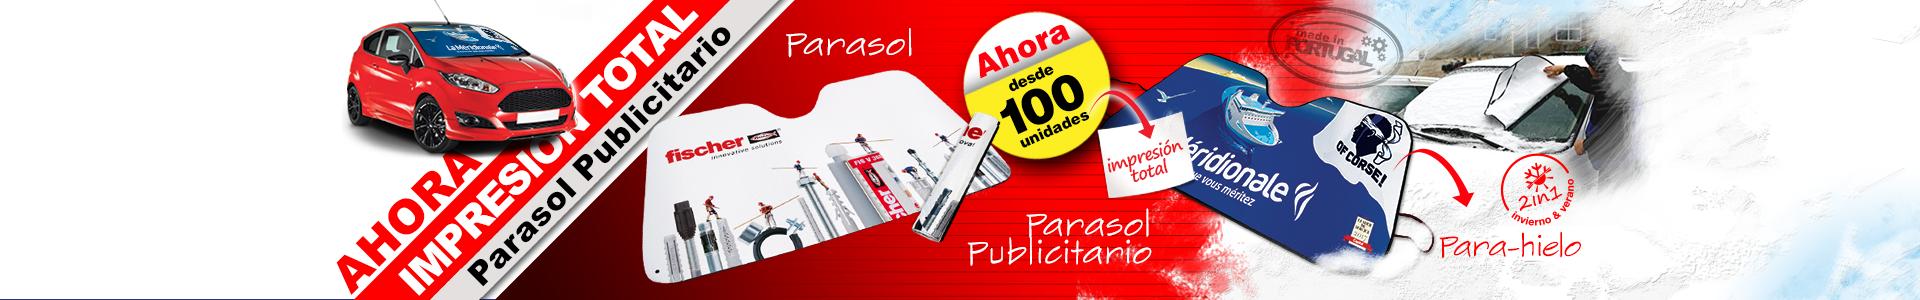 Parasol Publicitario Impresion Digital